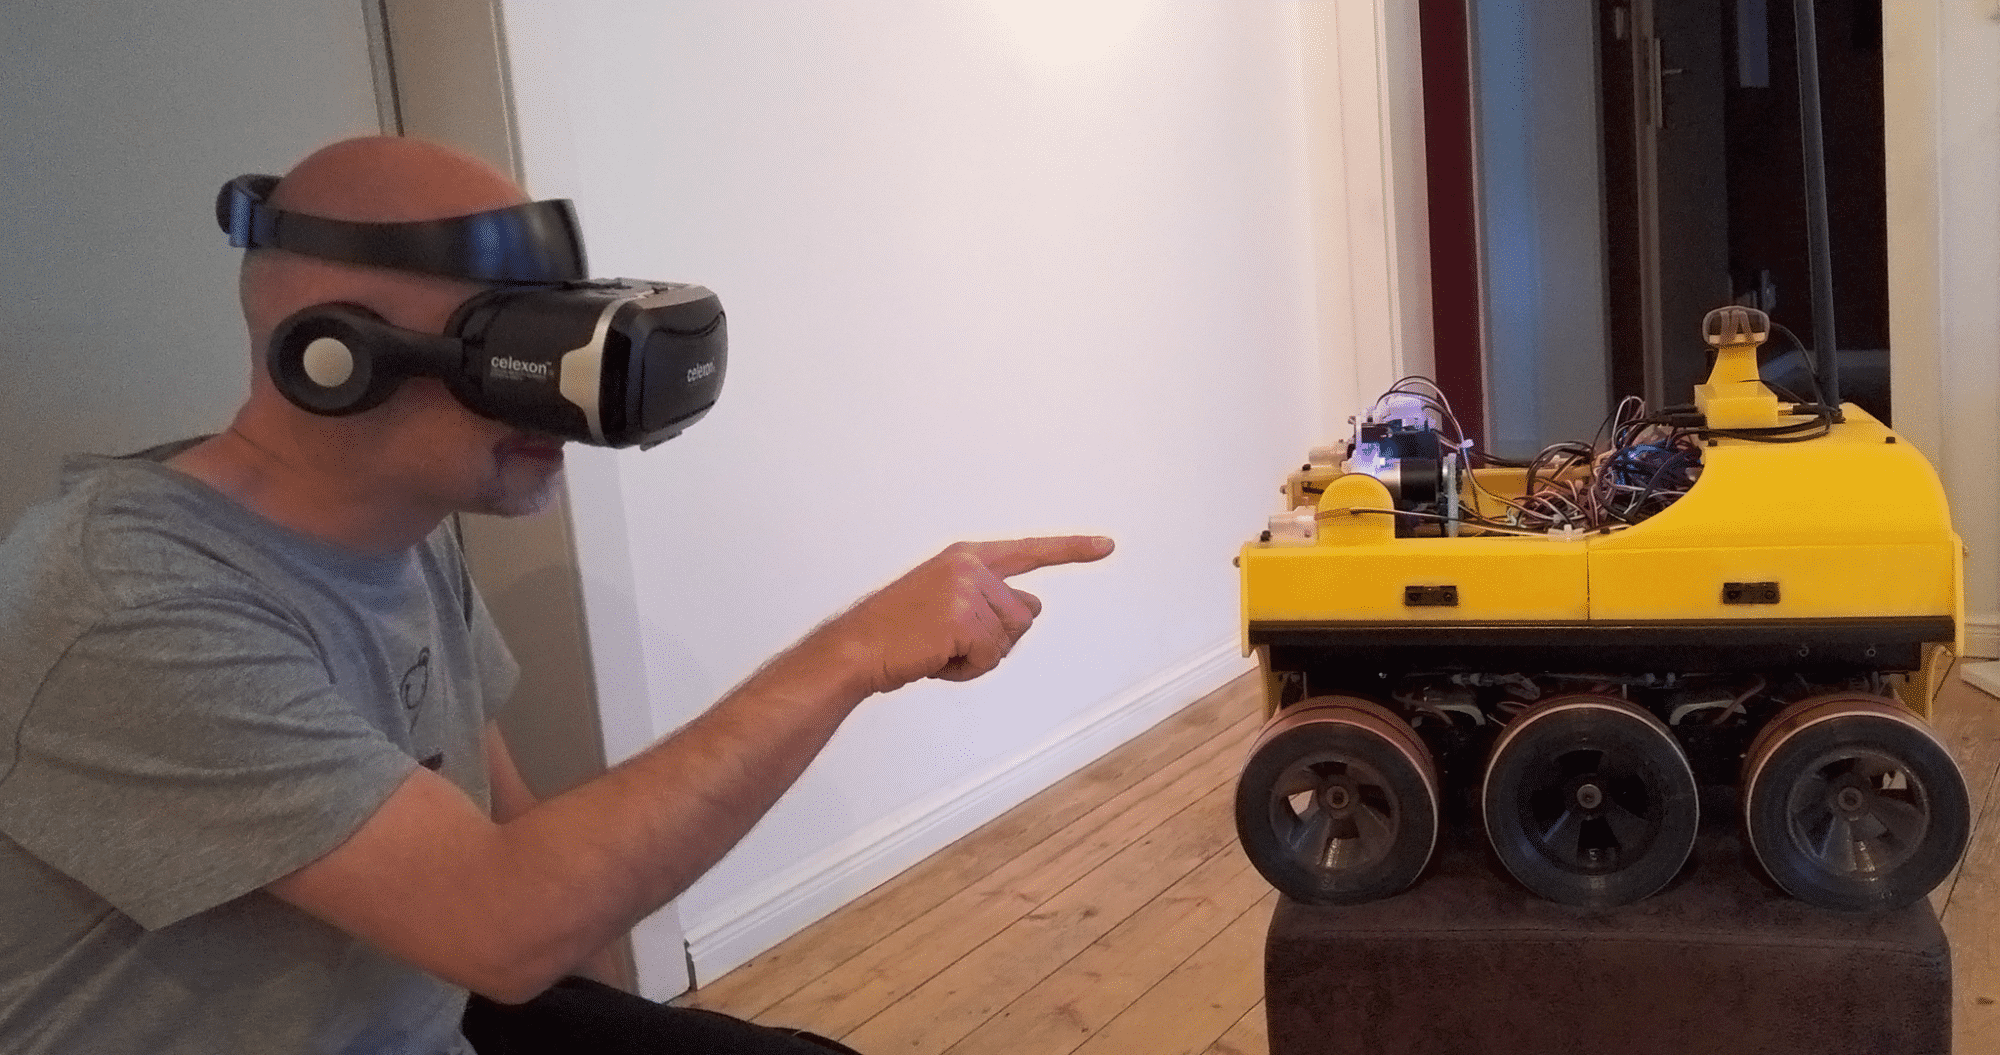 Ein Mann mit VR-Brille zeigt auf einen gelb-schwarzen Roboter